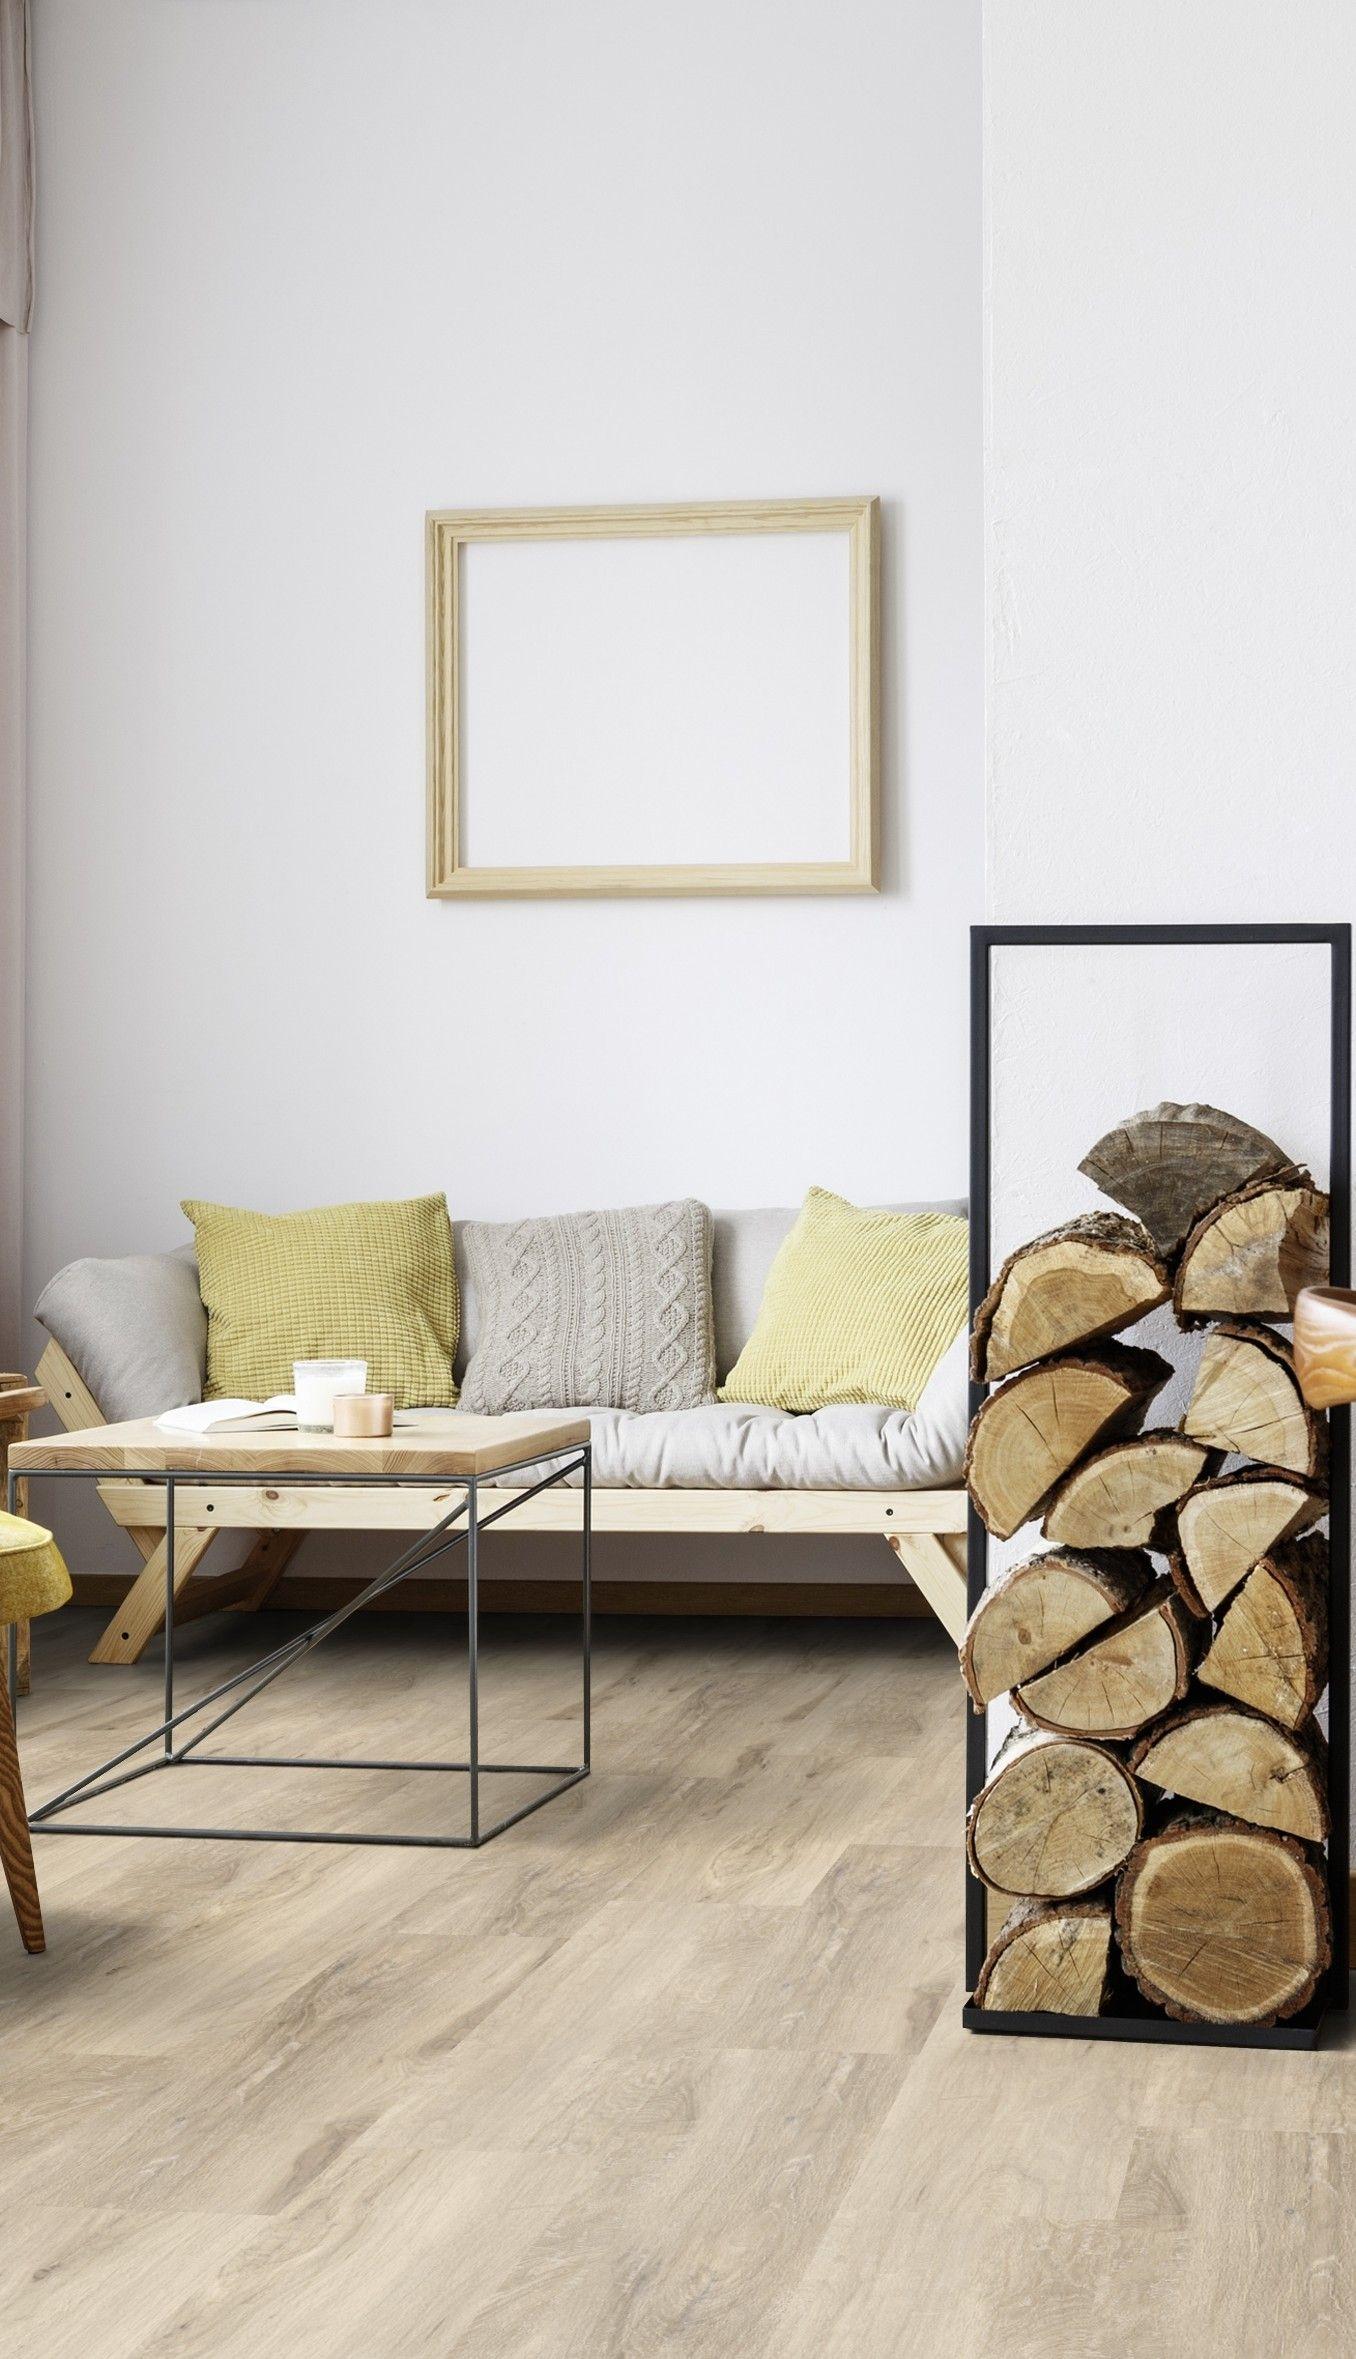 Gerflor Senso Clic Premium 0829 Chene Authentic Blond Lame Pvc Clipsable Dalle Vinyle Et Idees Pour La Maison